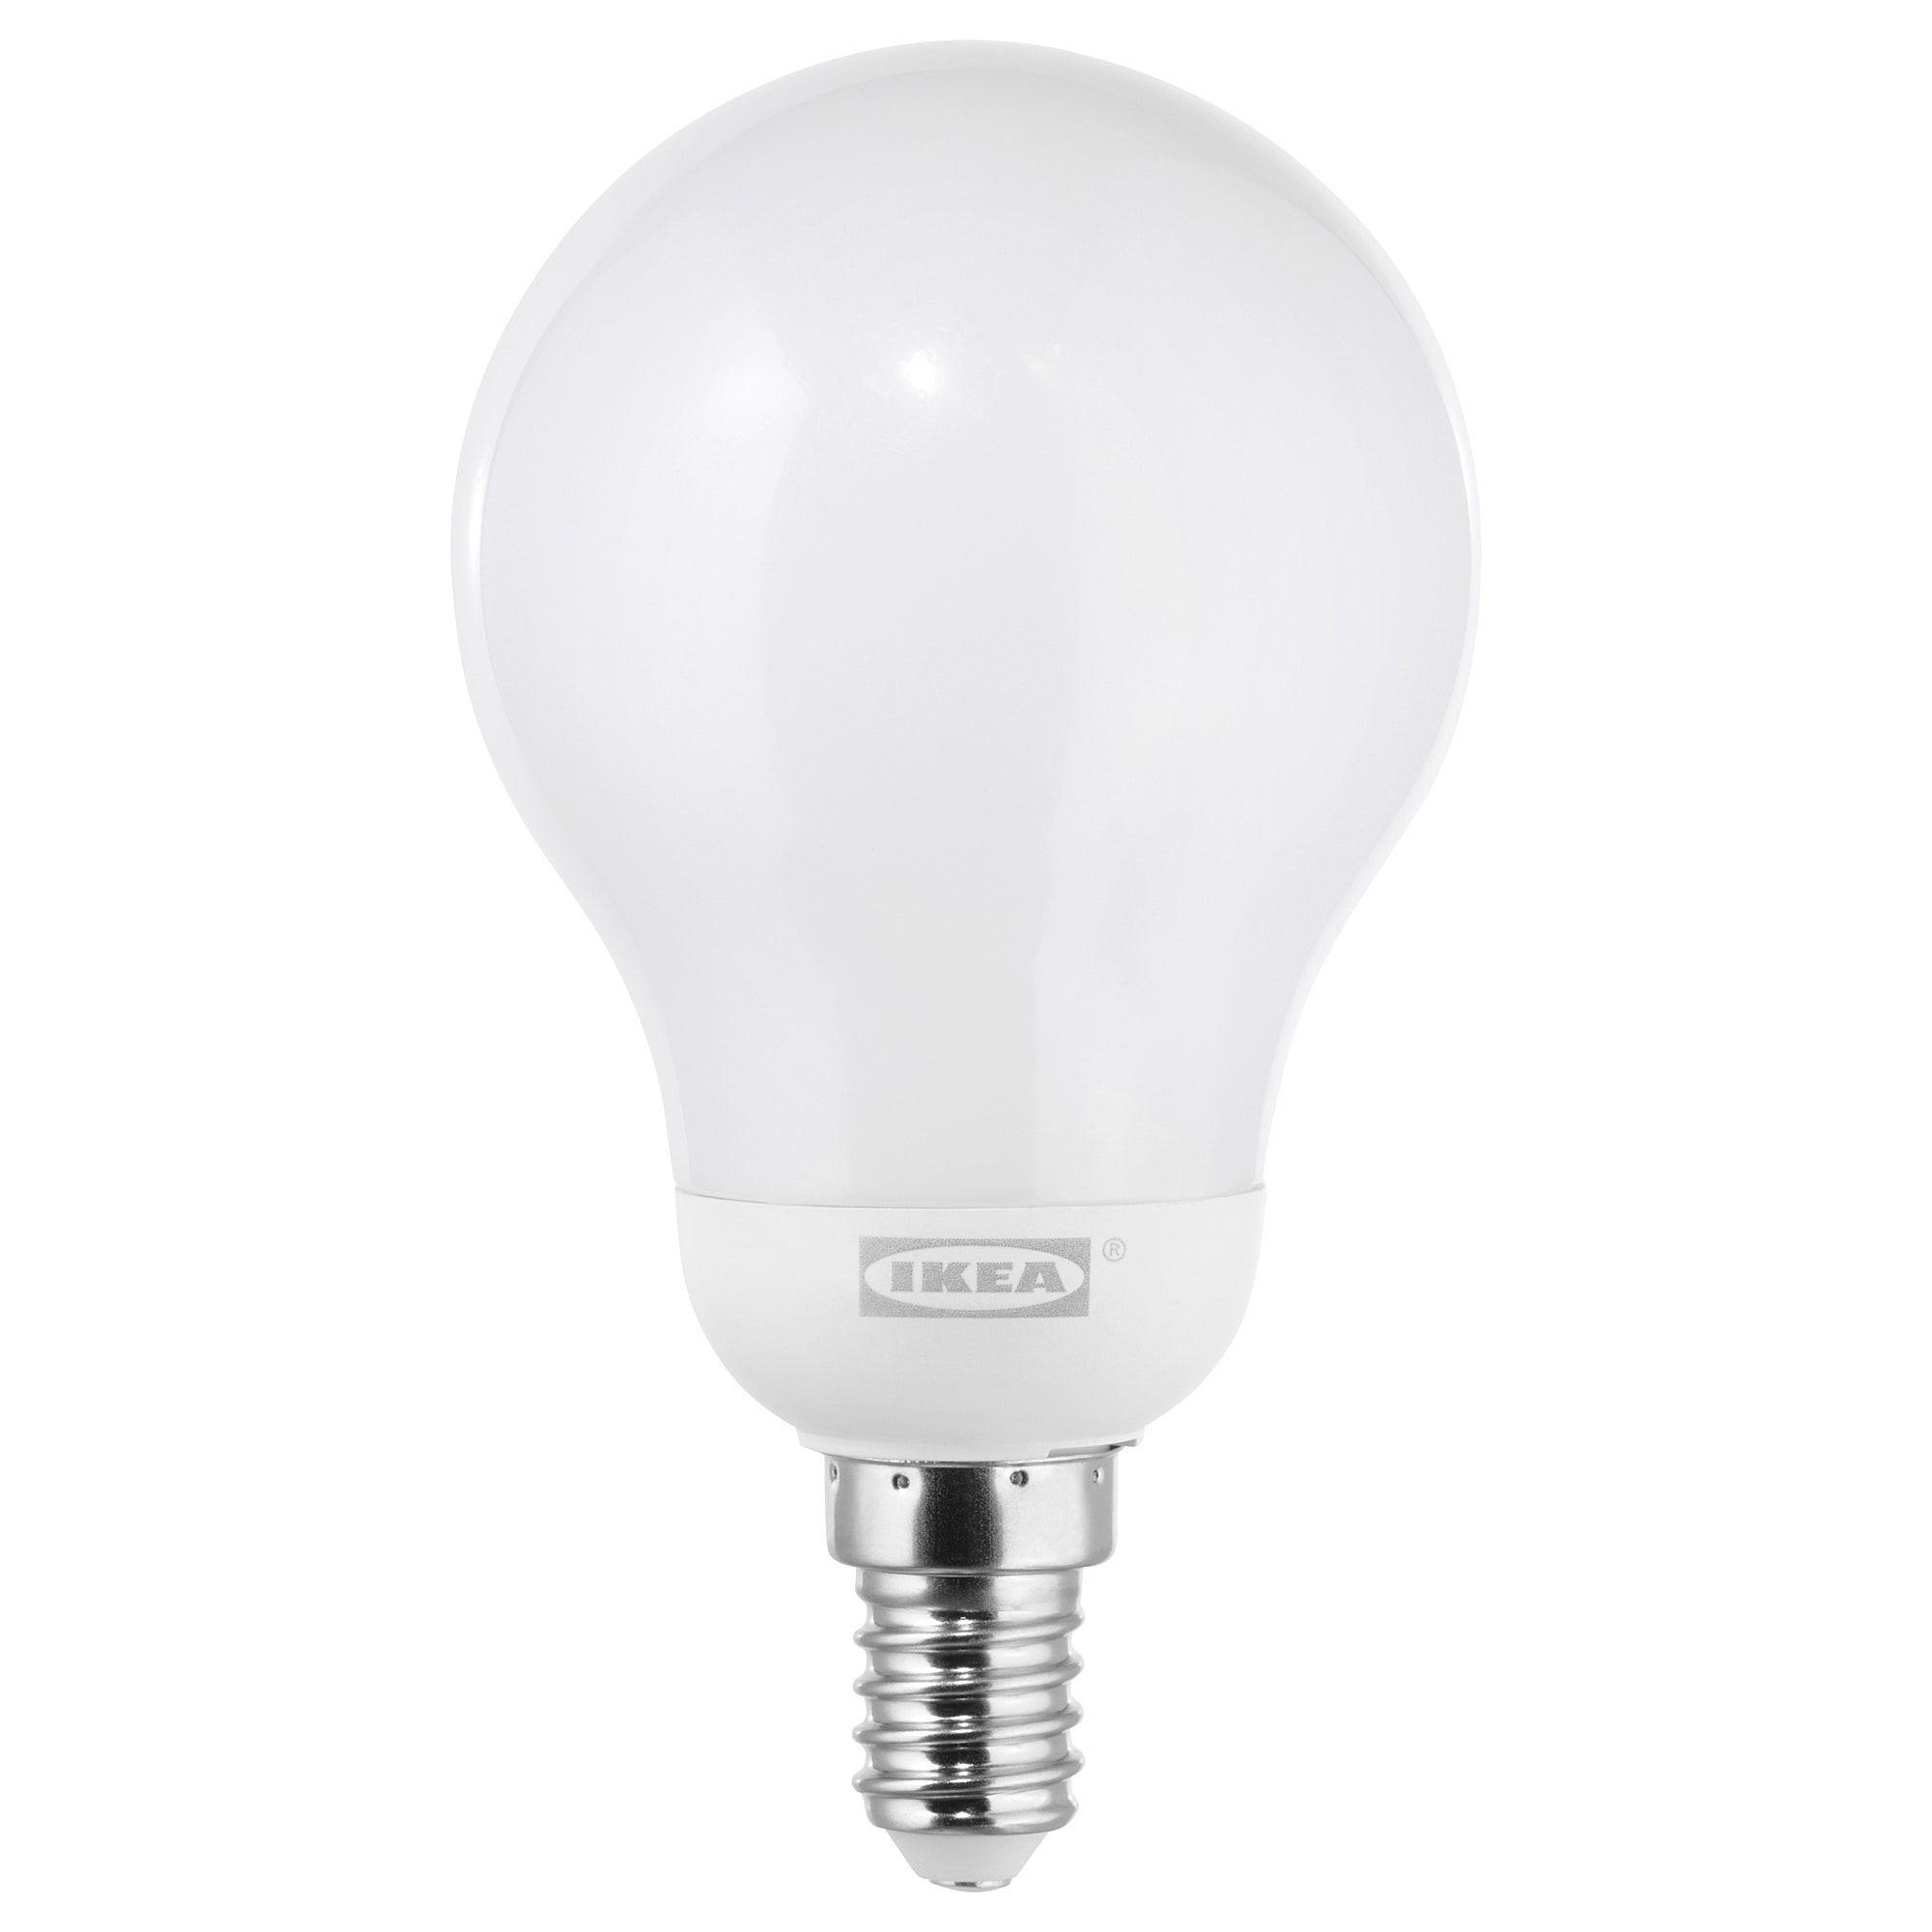 Ikea Leuchtmittel Led